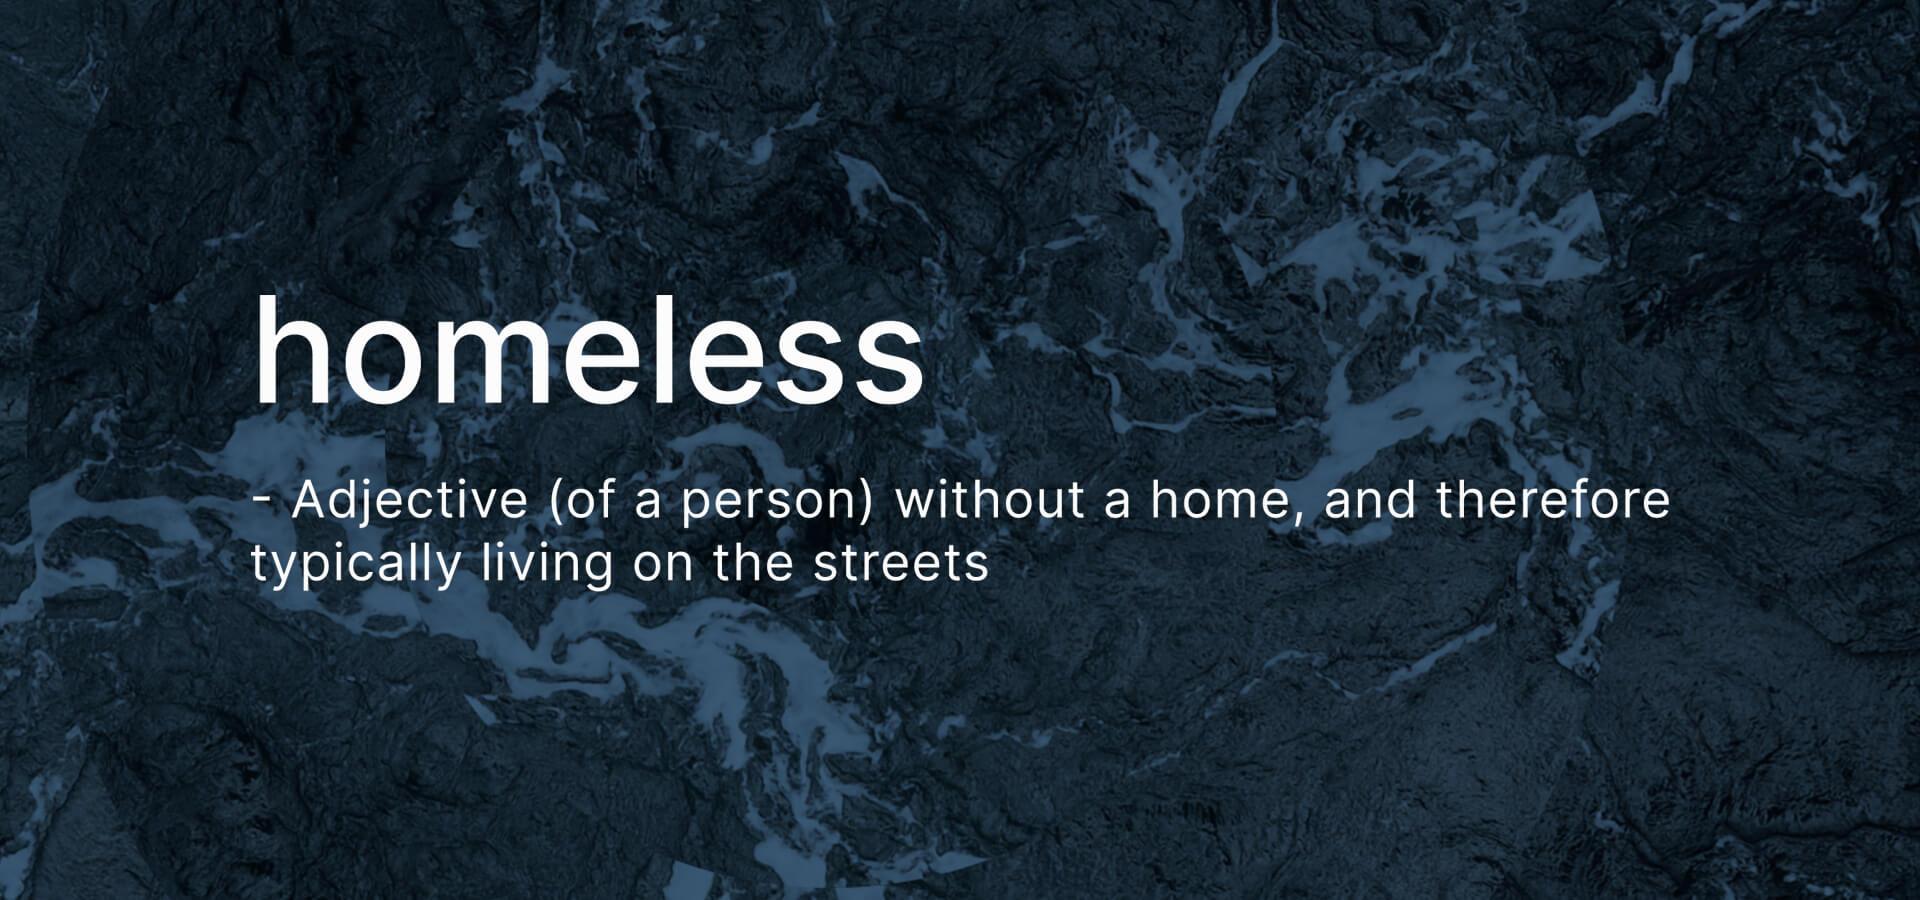 Homeless definition banner